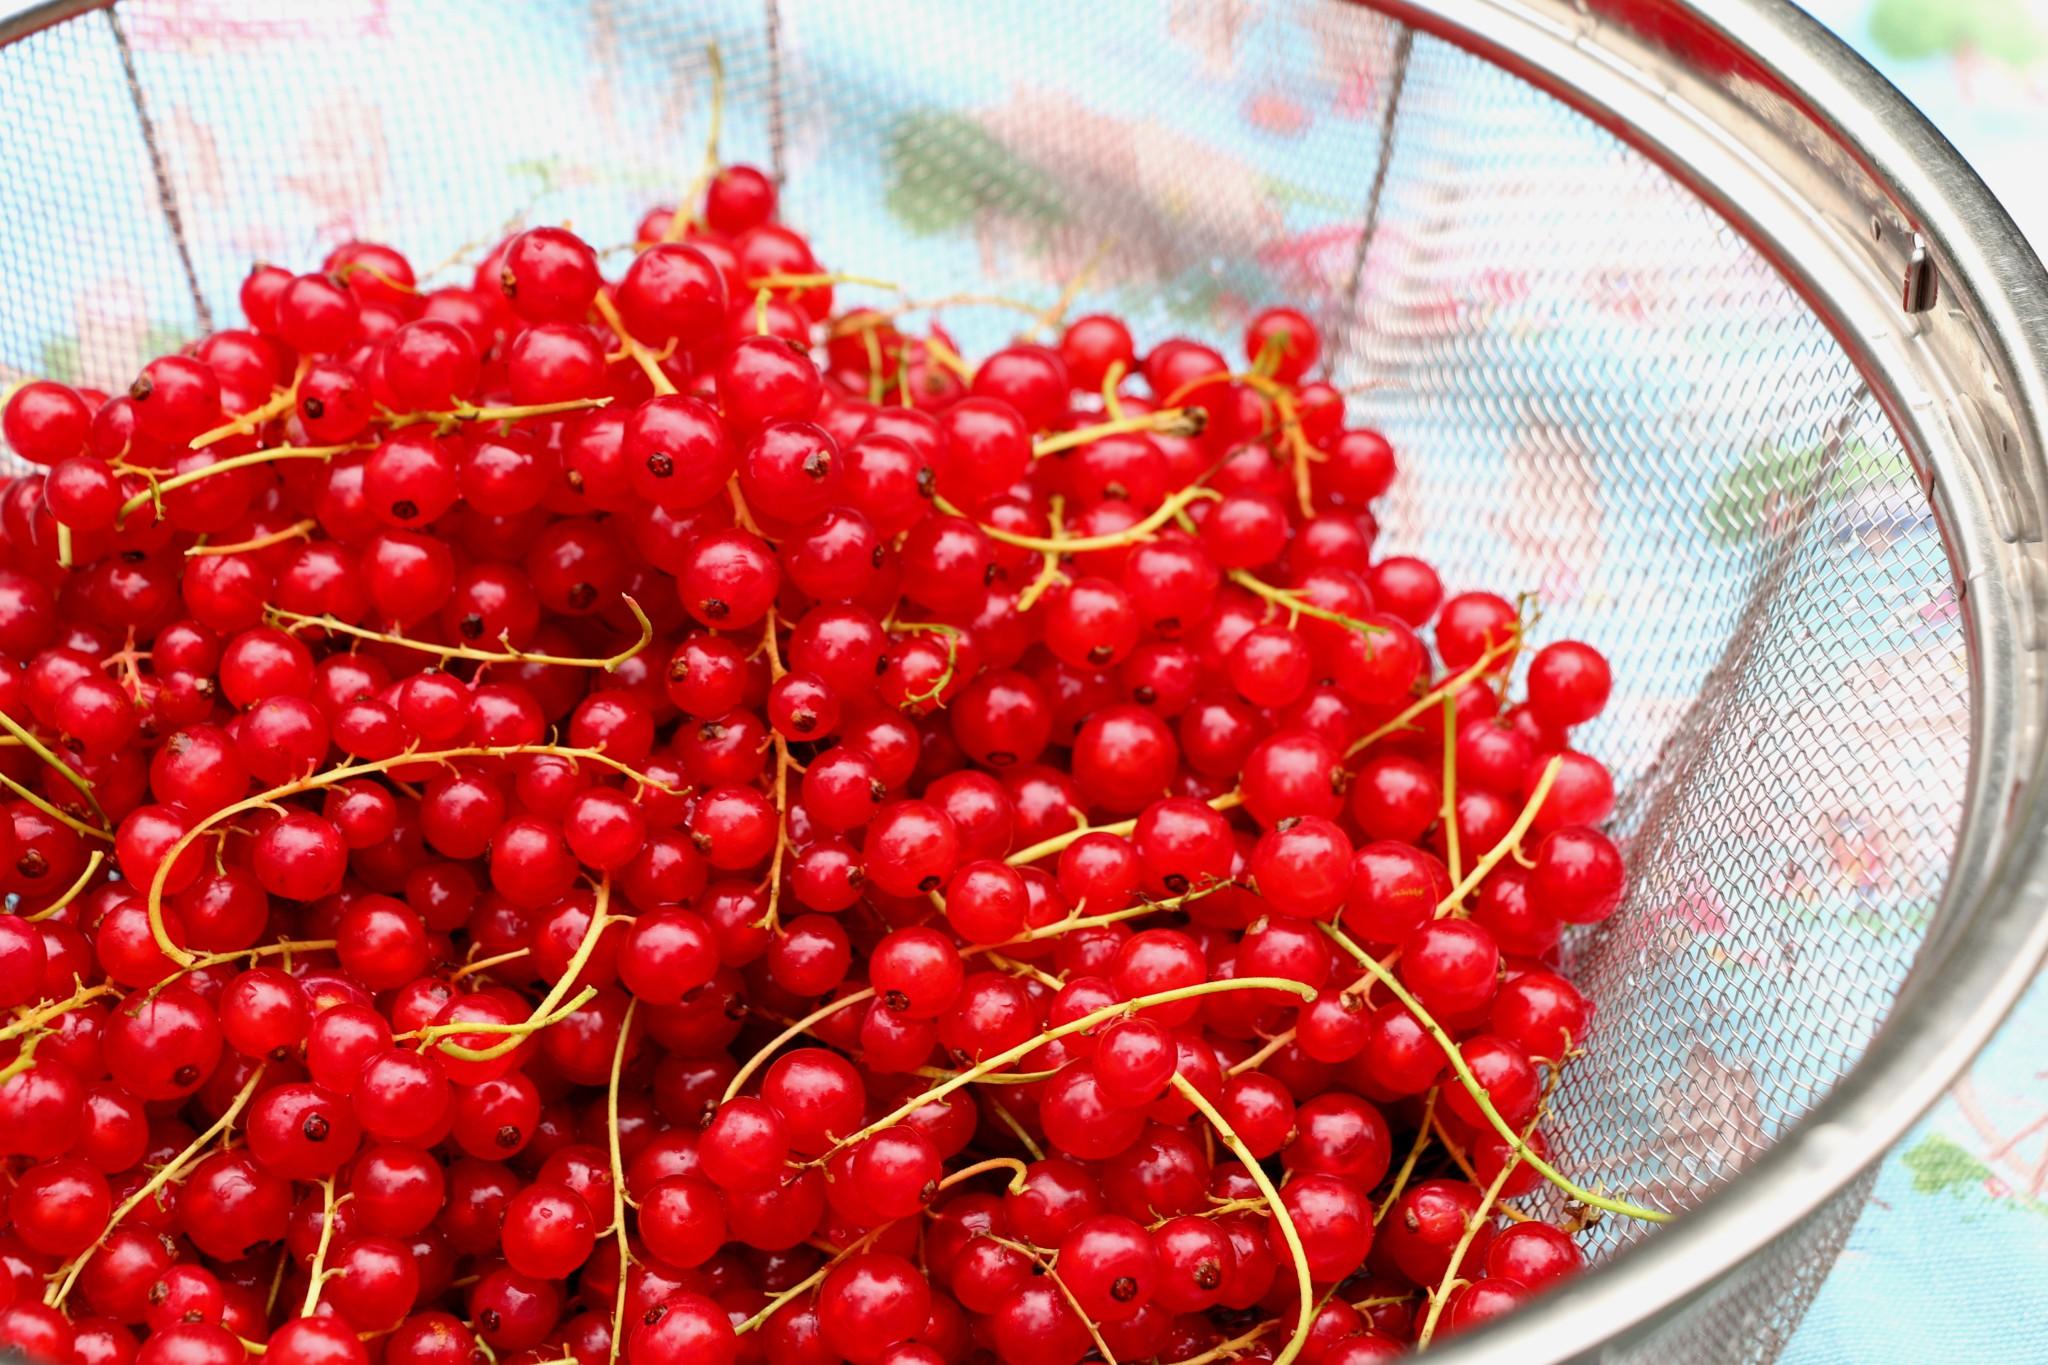 Rødgrød med fløde (Danish red fruit pudding) - Crumbs on the Table